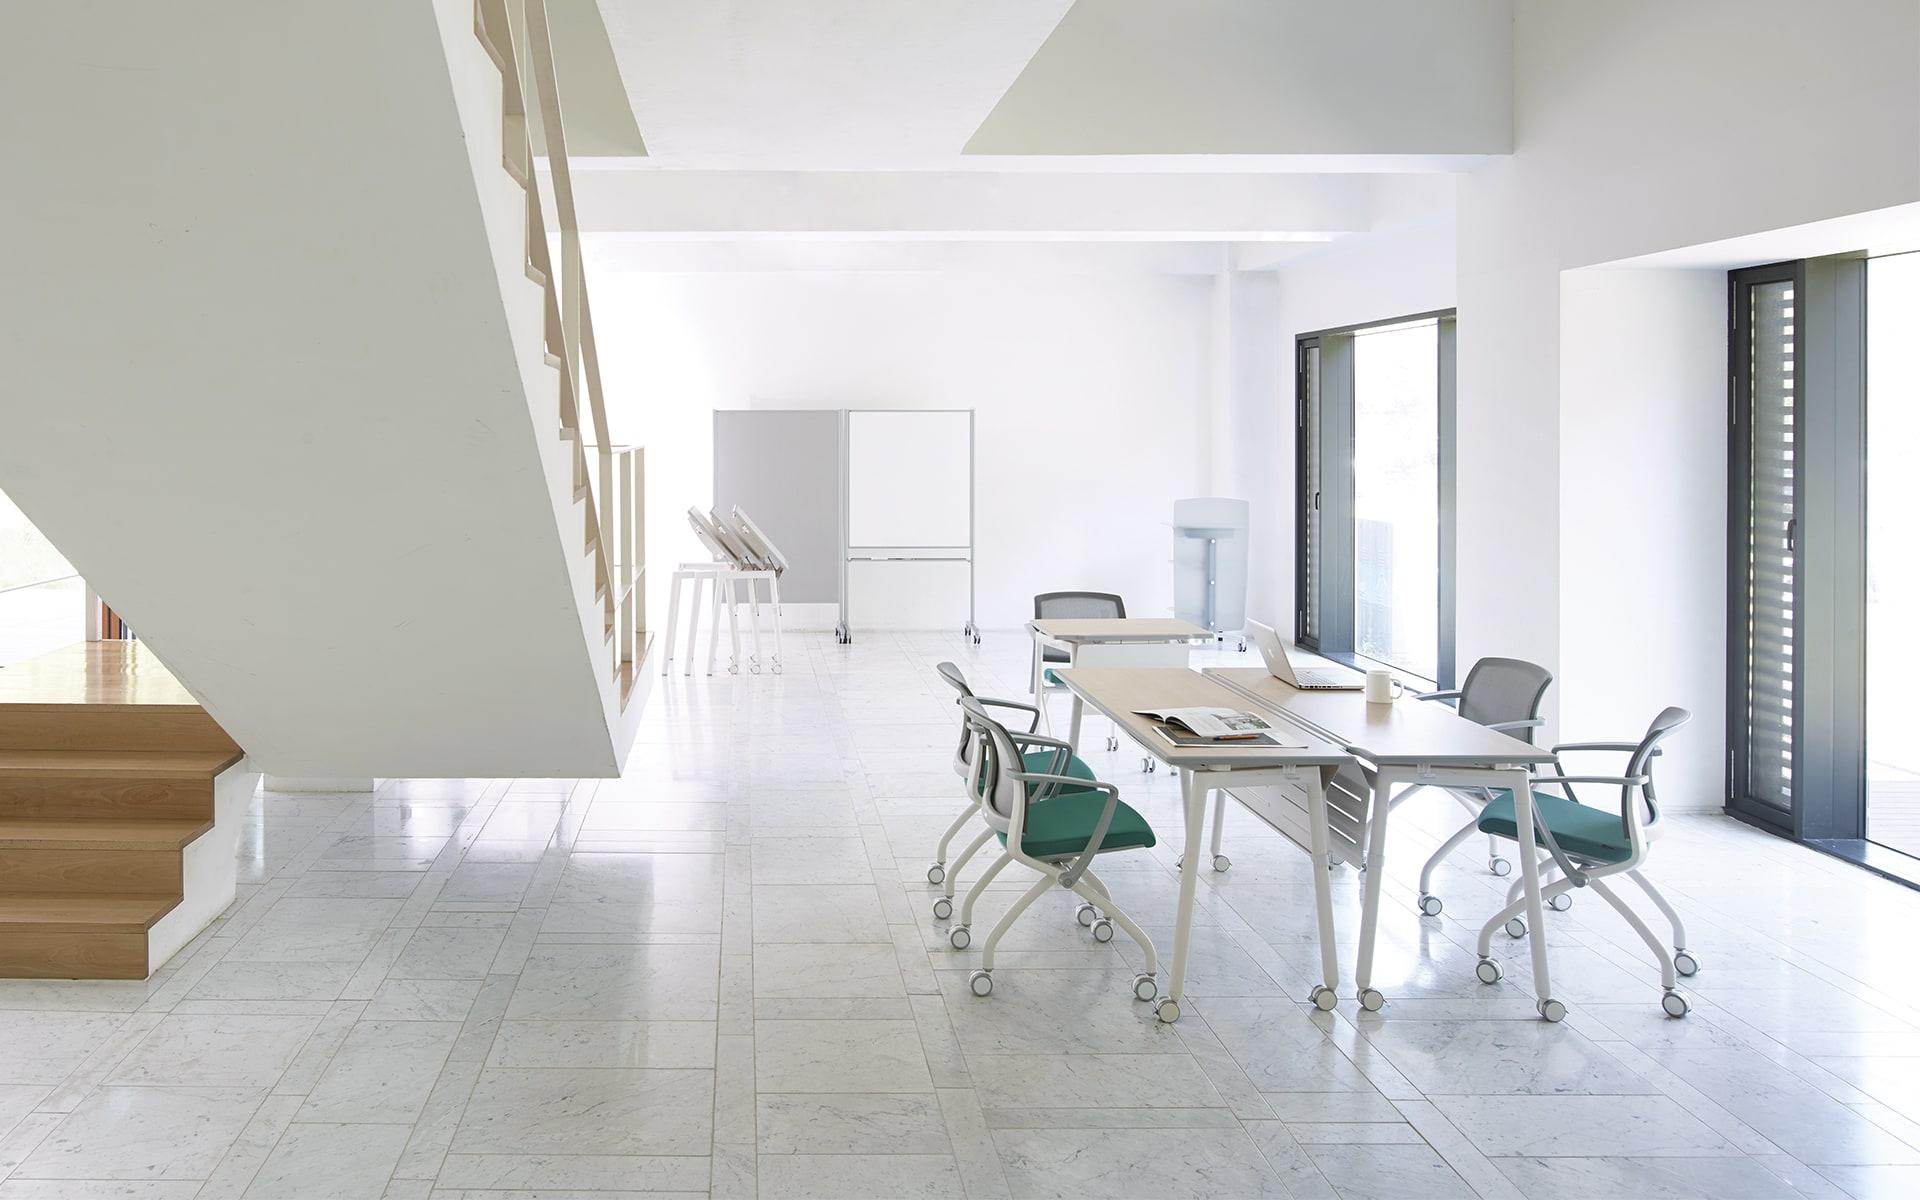 Kollaboratives Tischsystem Fursys Align von ITO Design in hellem Raum